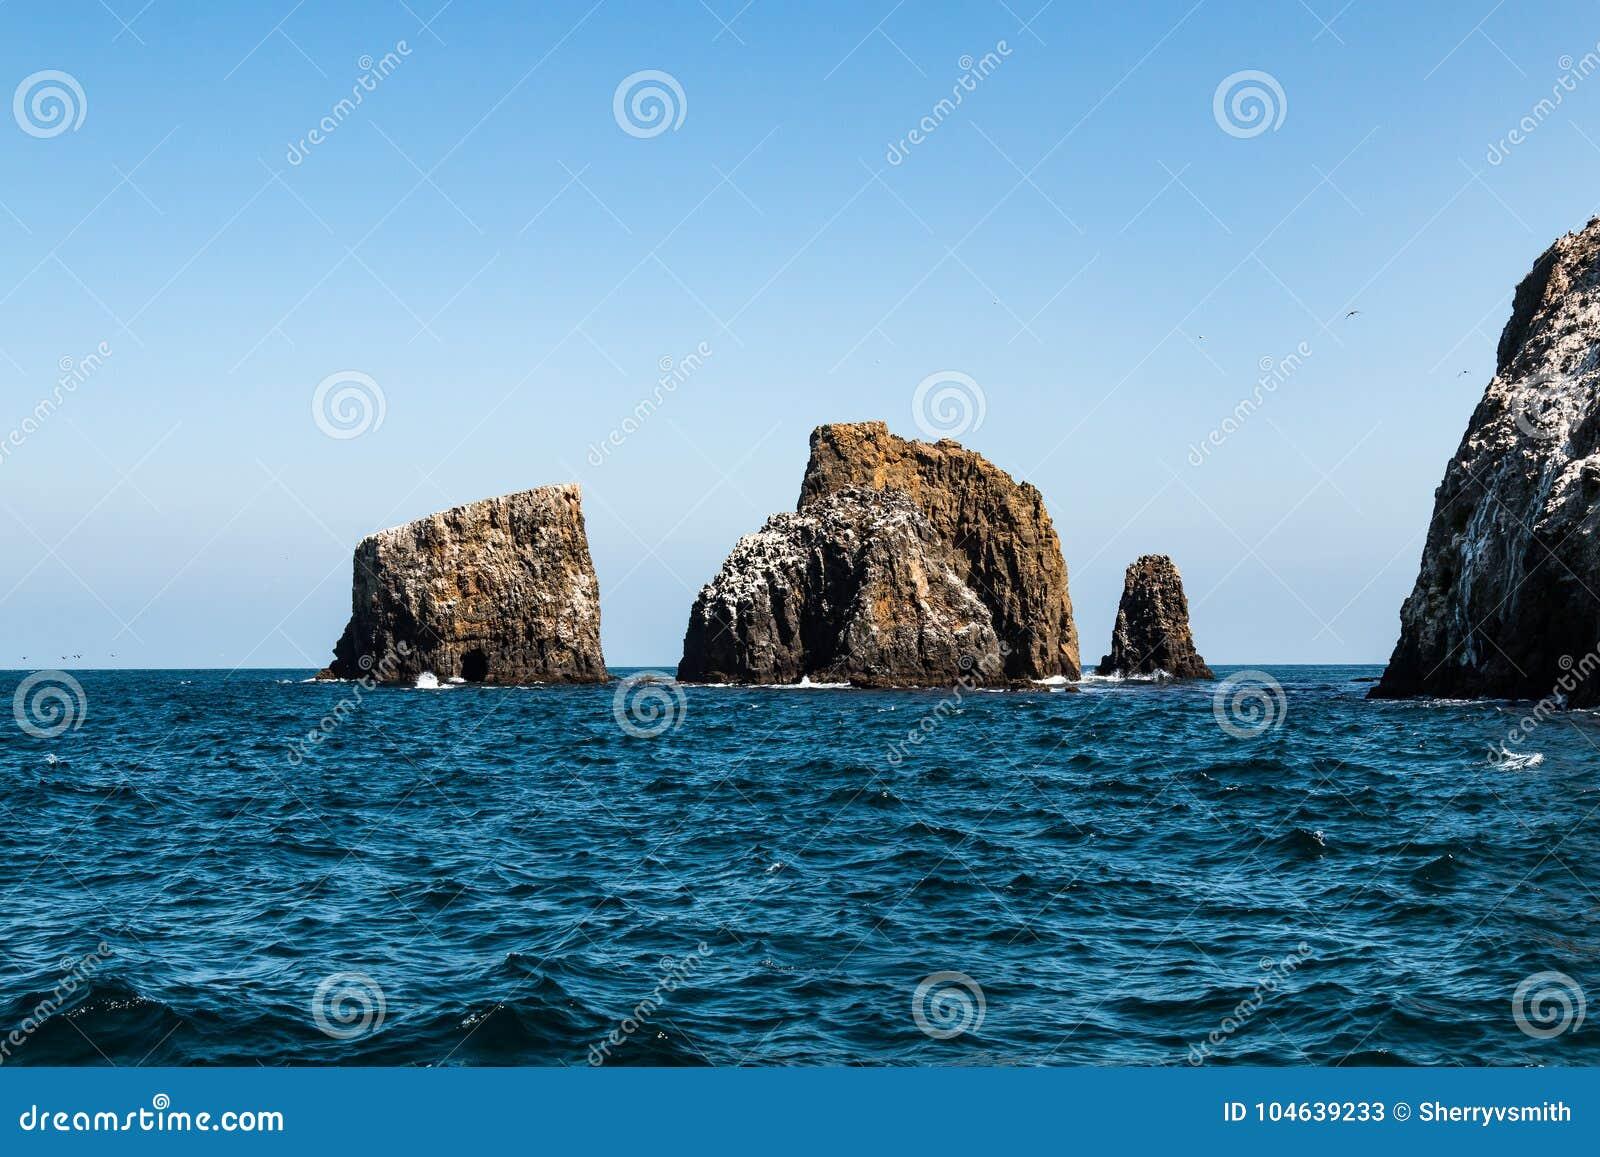 Download Vormingen Van Vulkanische Rots Bij Het Eiland Van Anacapa Van Het Oosten In Zuidelijk Californië Stock Afbeelding - Afbeelding bestaande uit kustlijn, eiland: 104639233